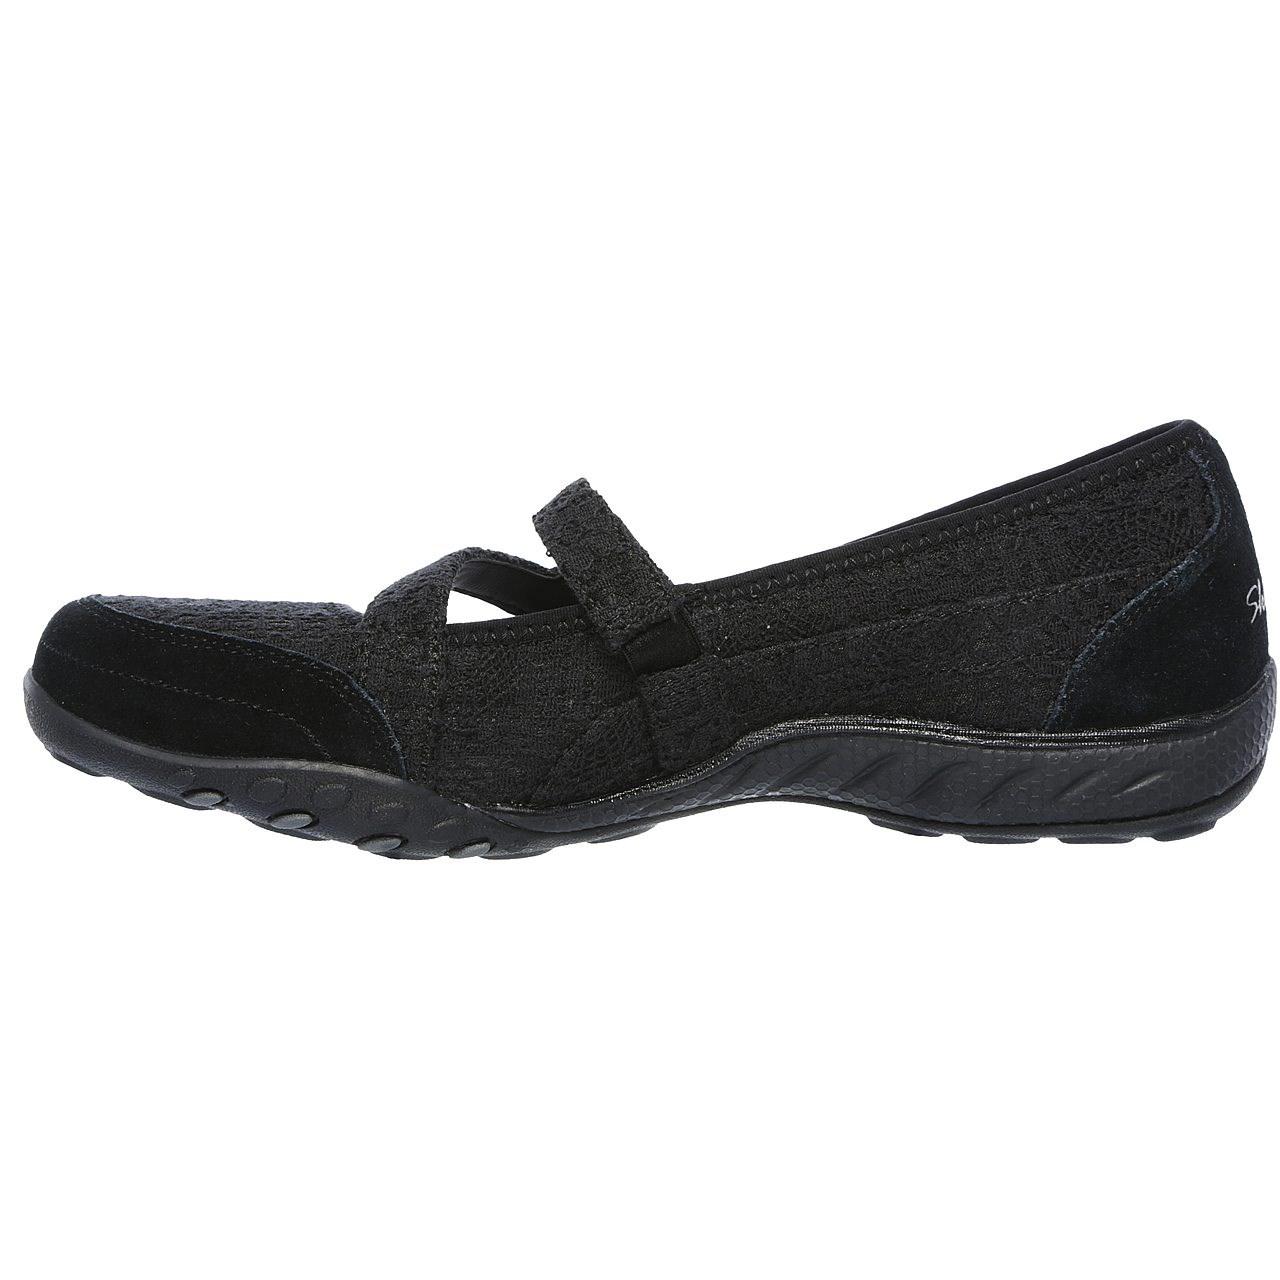 خرید کفش راحتی زنانه اسکچرز مدل 23098BLK